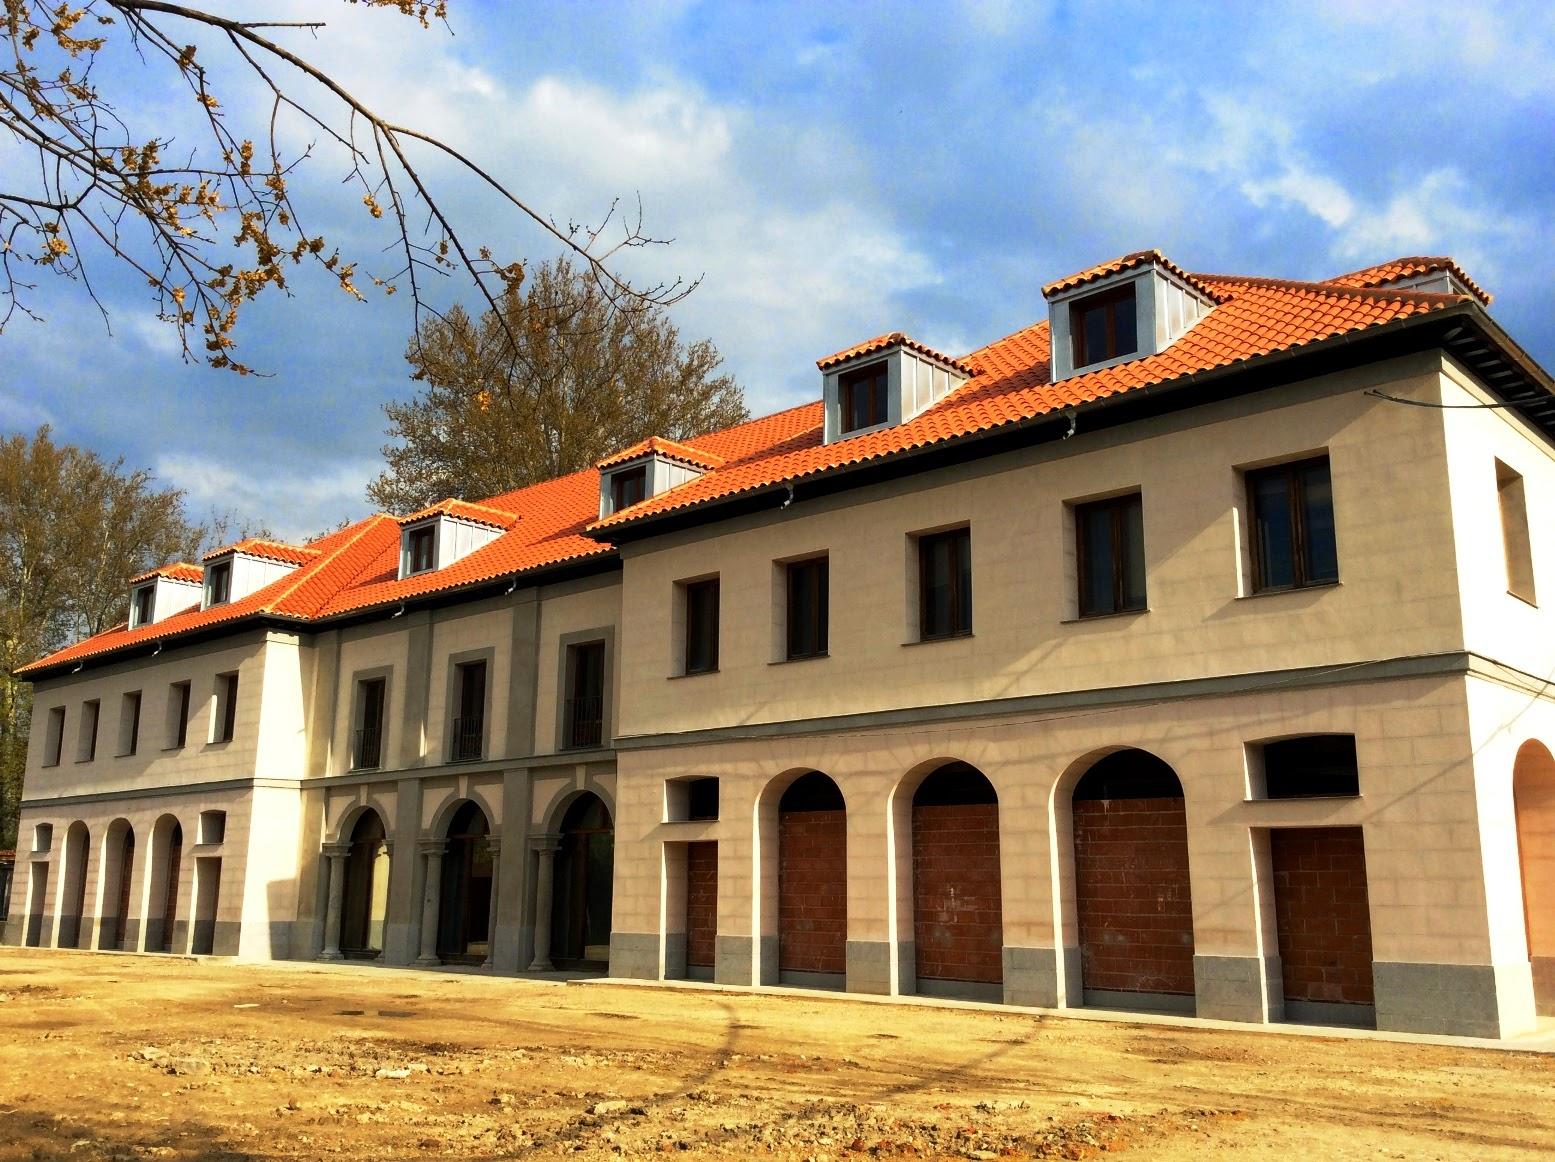 Pasi n por madrid la casa de campo una mirada a su for Casas de sofas en madrid